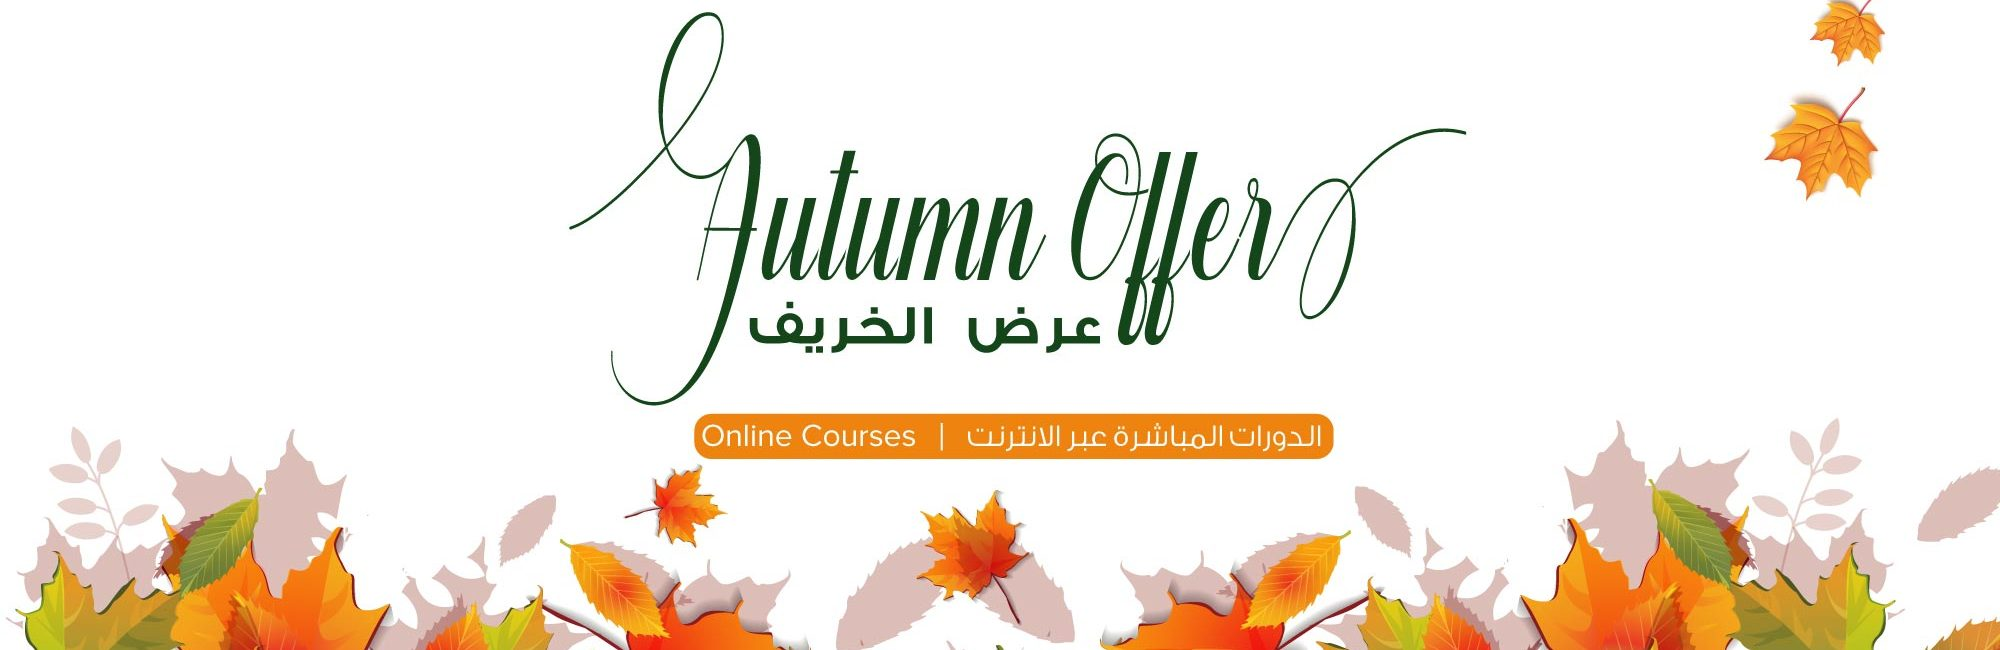 Autumn-offer-web2